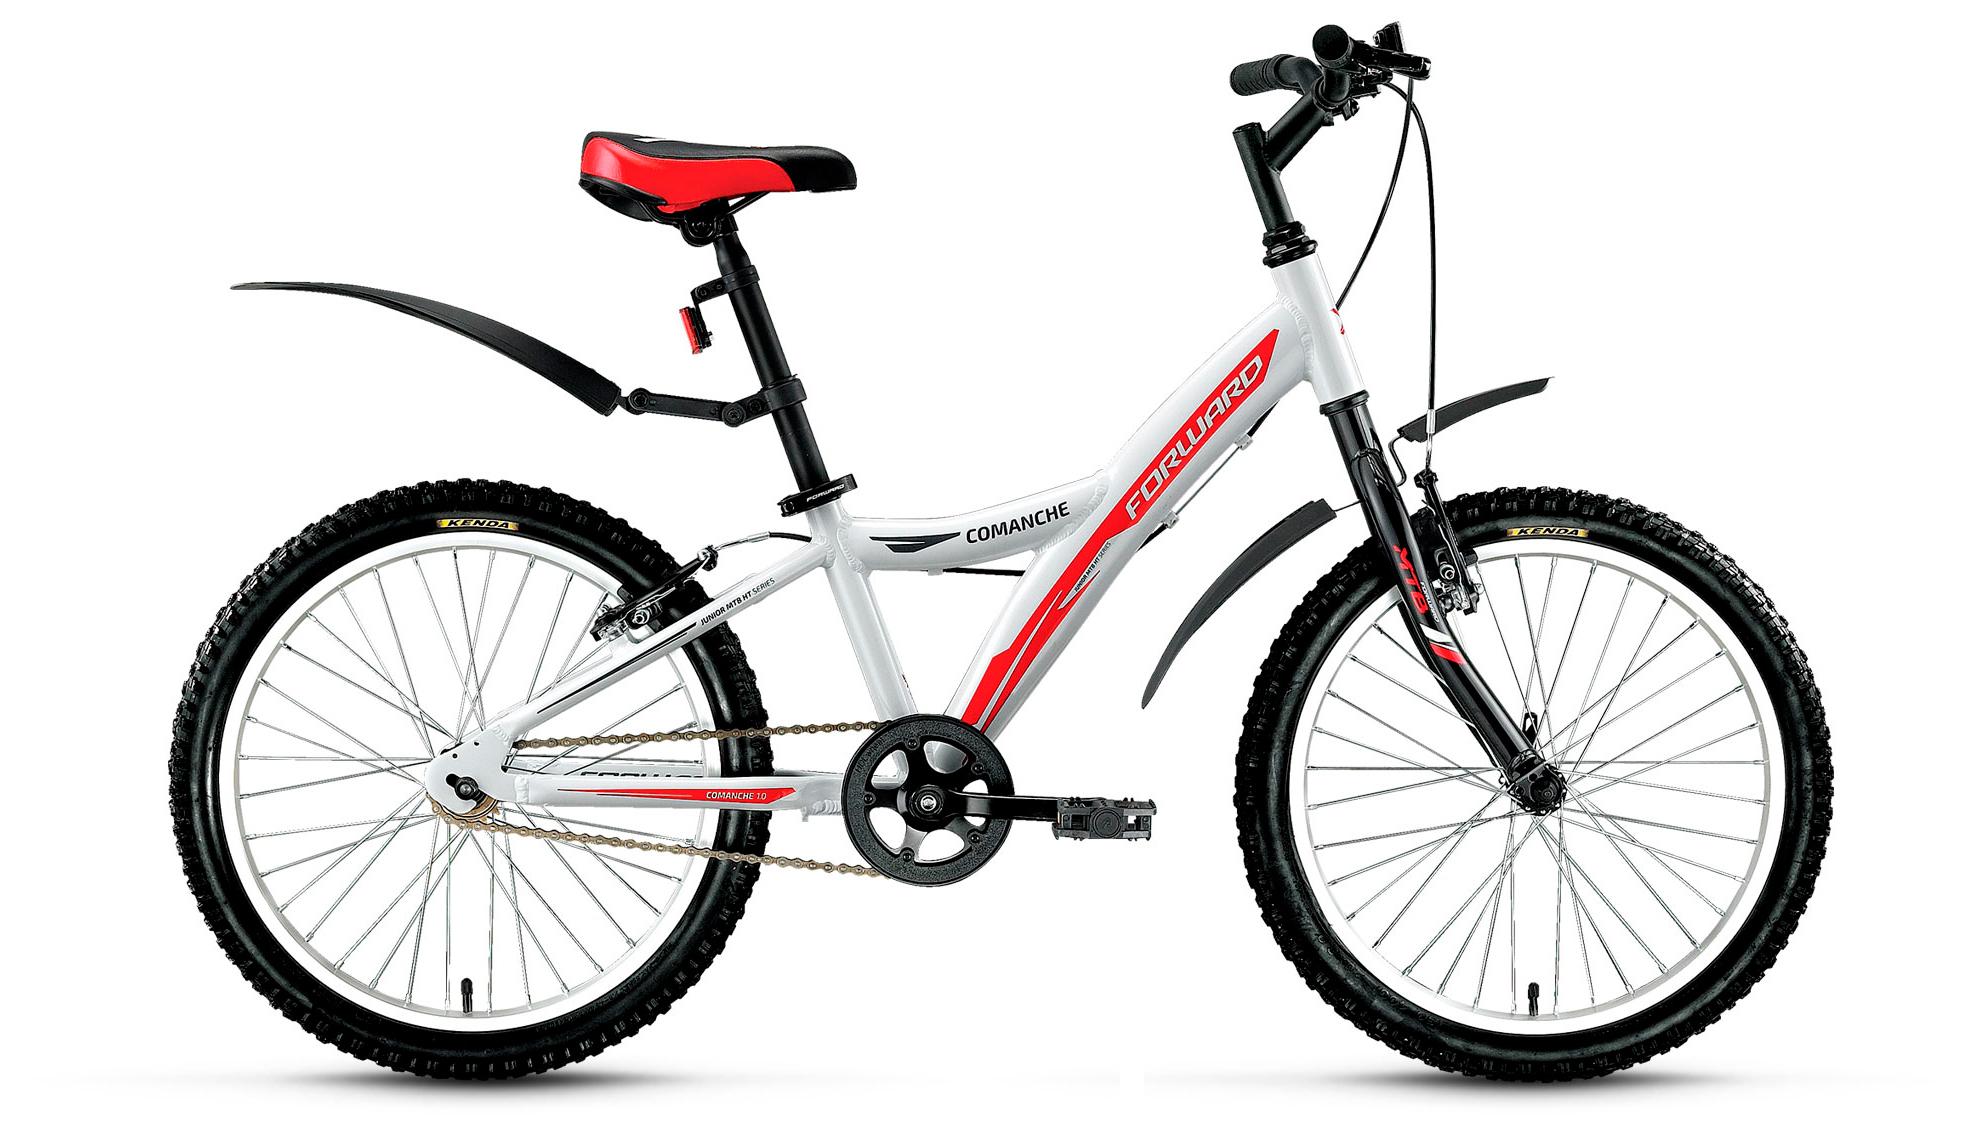 Велосипед comanche — прекрасное качество по демократичной цене